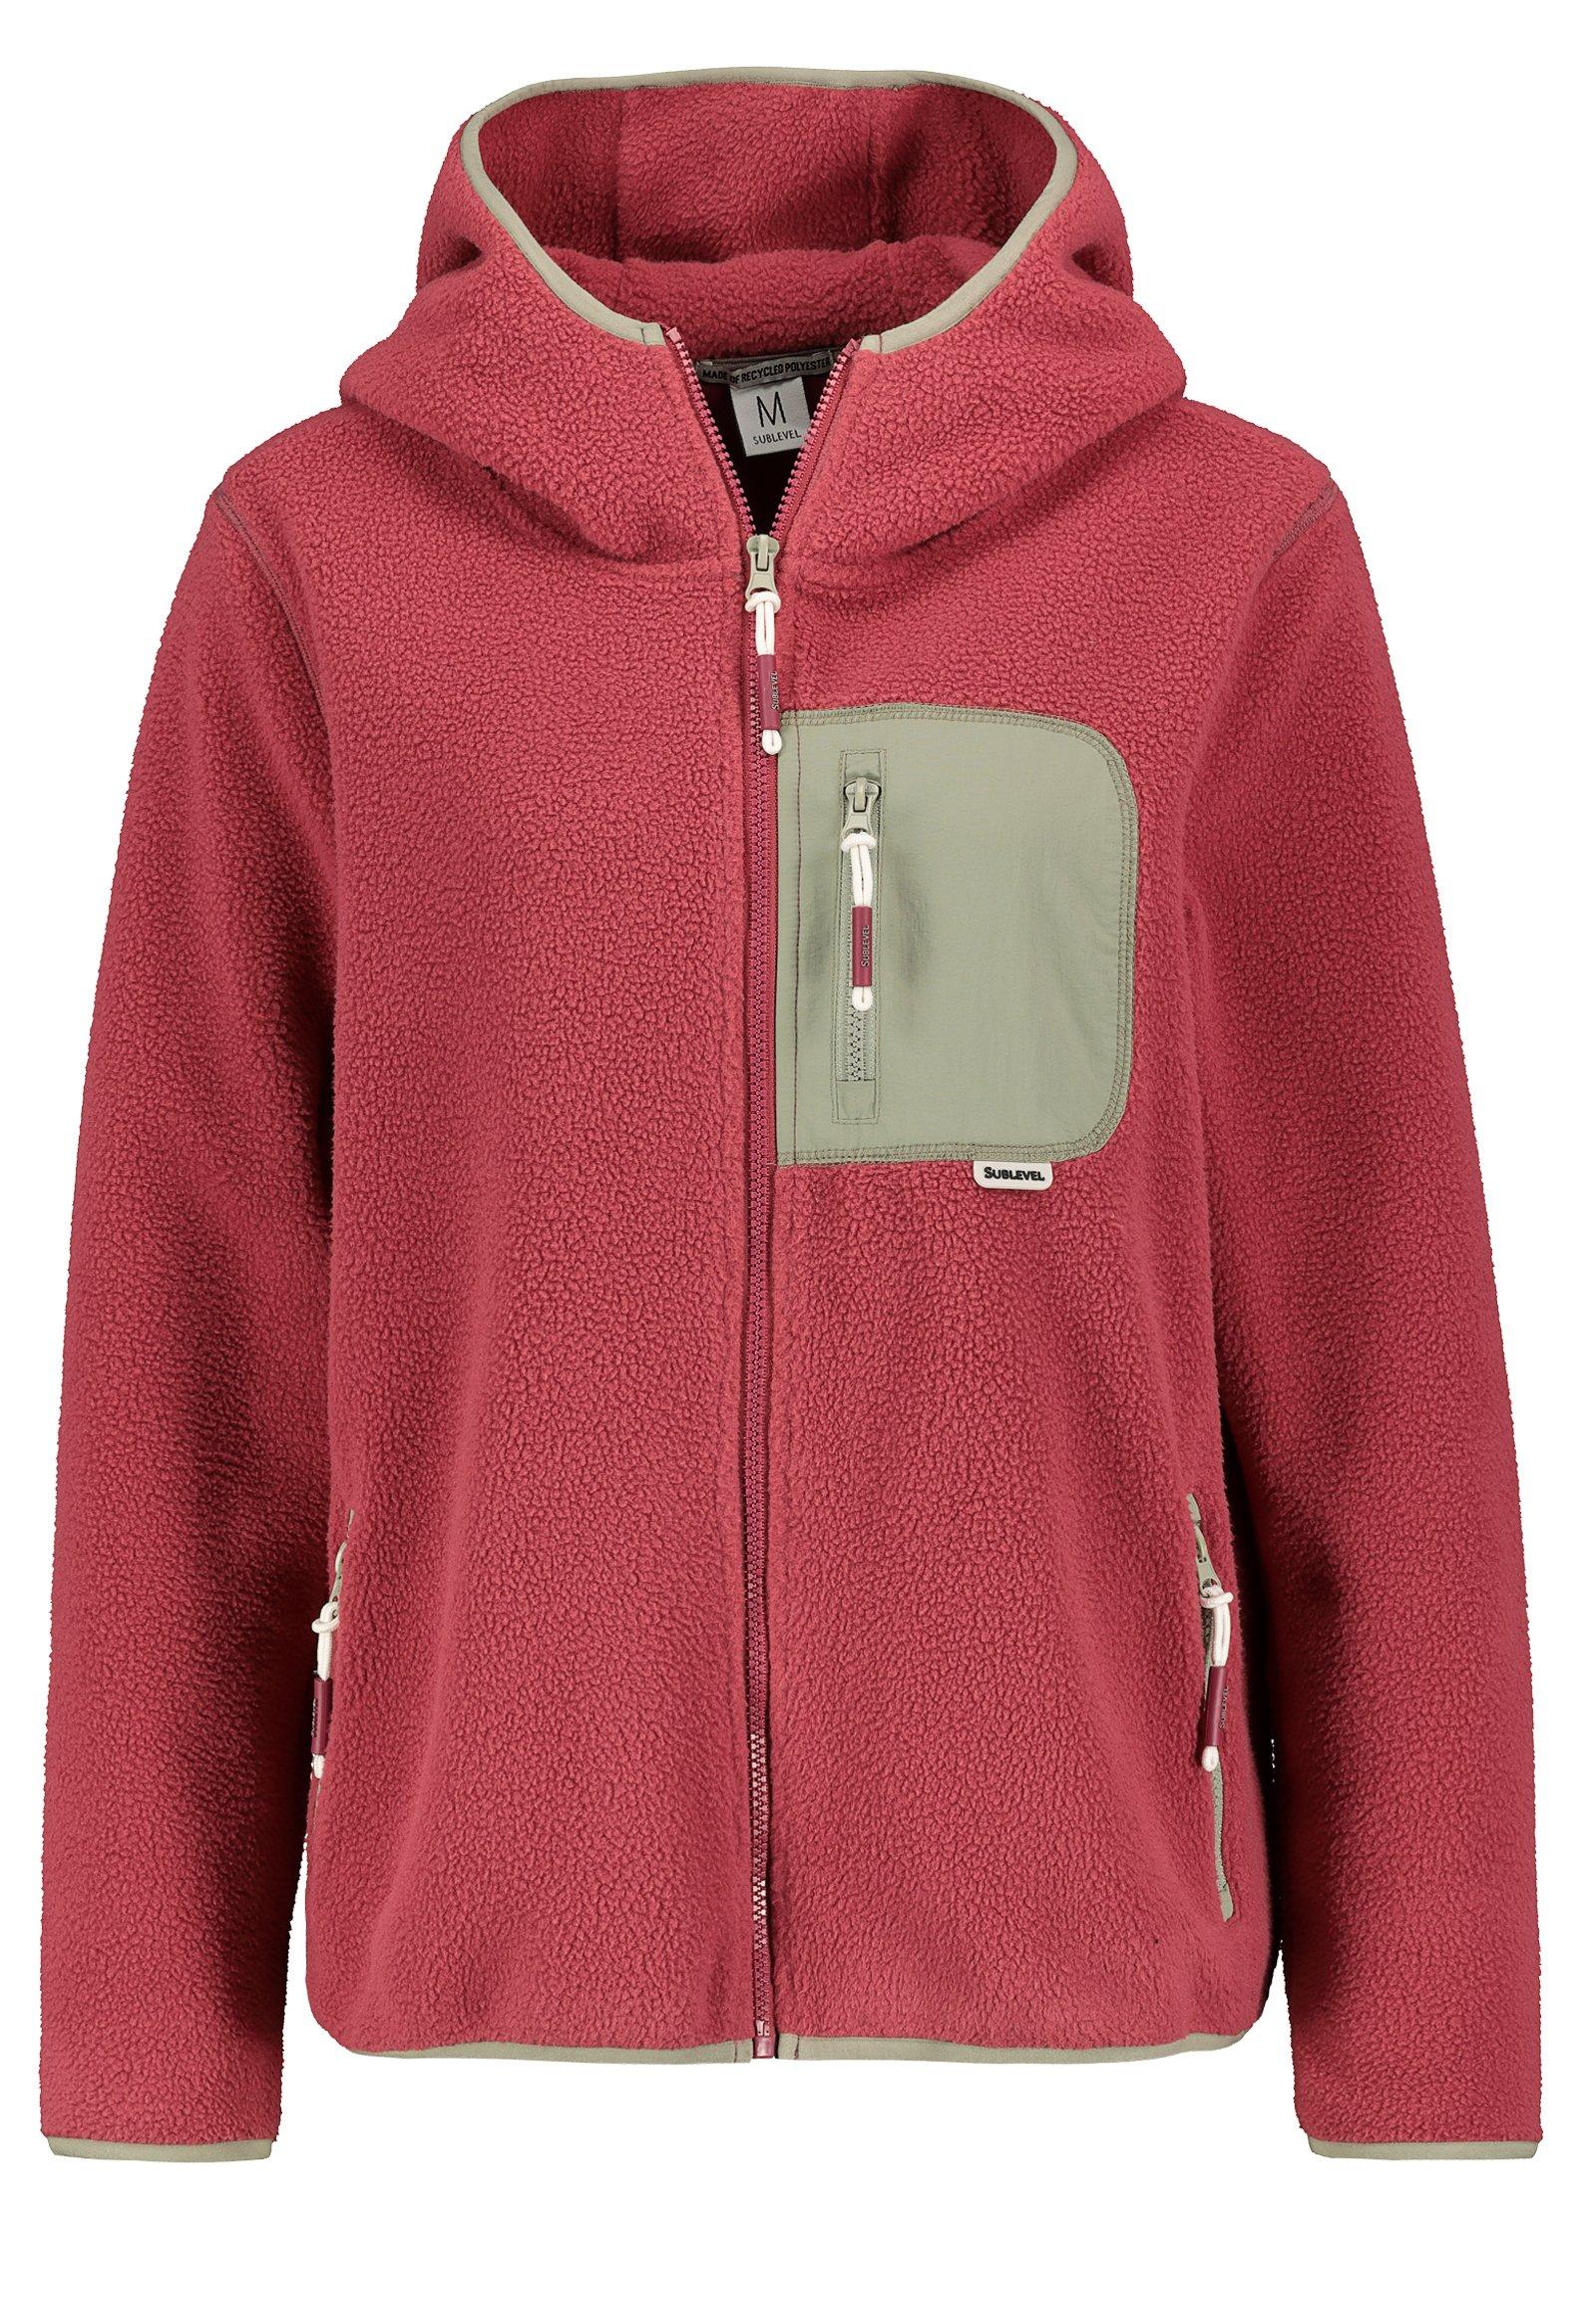 Rote Jacken für Damen versandkostenfrei kaufen   ZALANDO